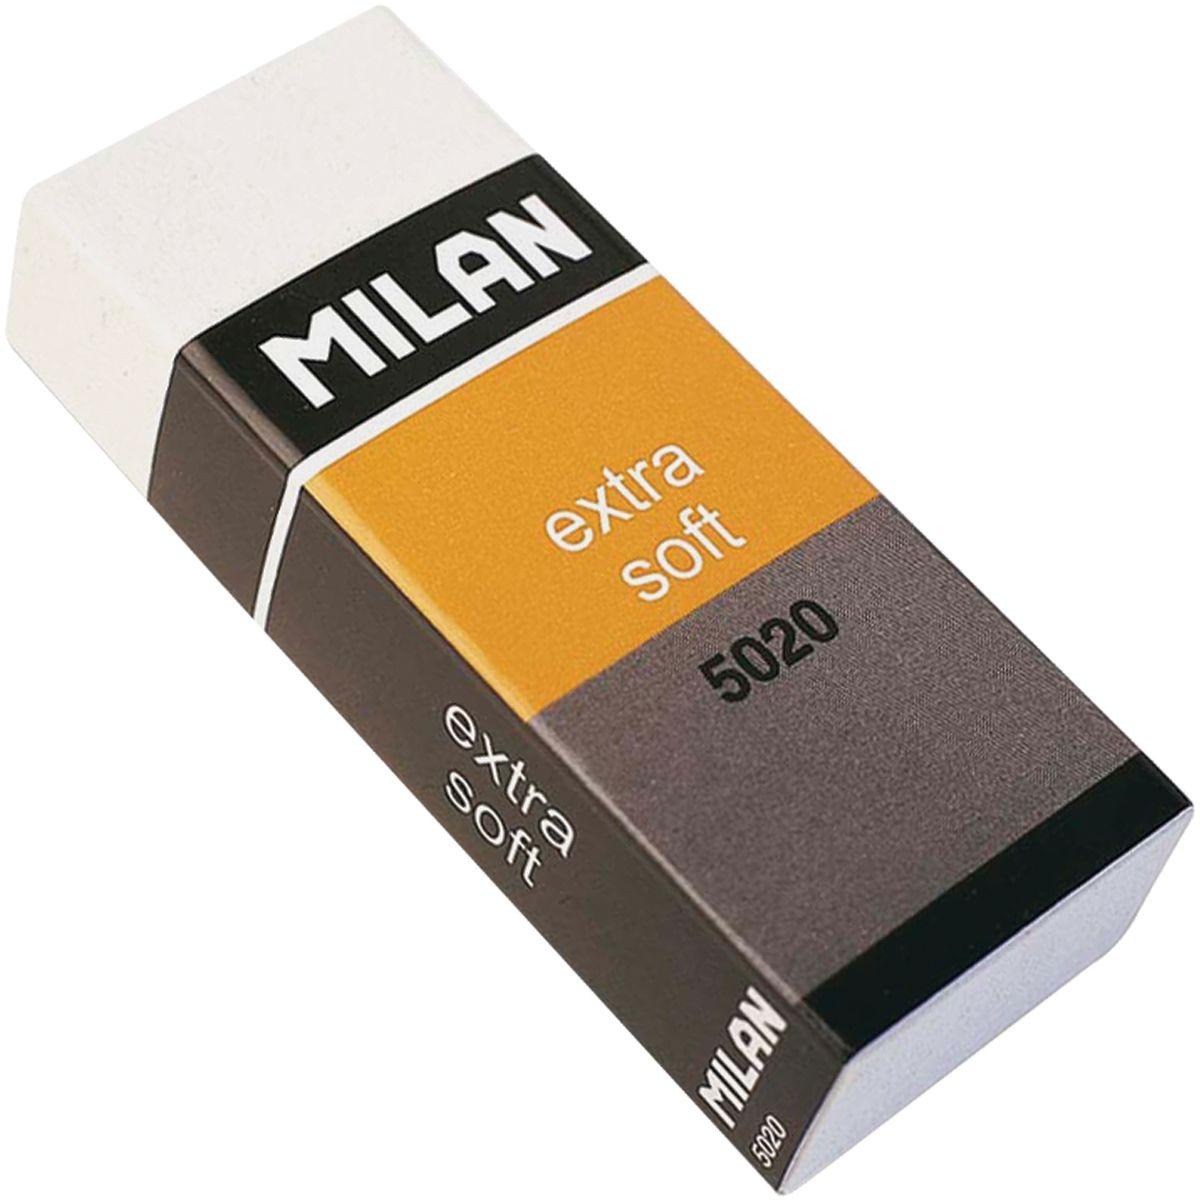 Milan Ластик Extra Soft 5020 прямоугольныйFS-36054Ластик Milan Extra Soft 5020 - это особо мягкий ластик с великолепными абсорбирующими свойствами. Удобная защитная пленка и бумажный держатель защищают от загрязнения. Рекомендуется для работы с любыми видами мягких художественных карандашей, включая уголь и сангину.